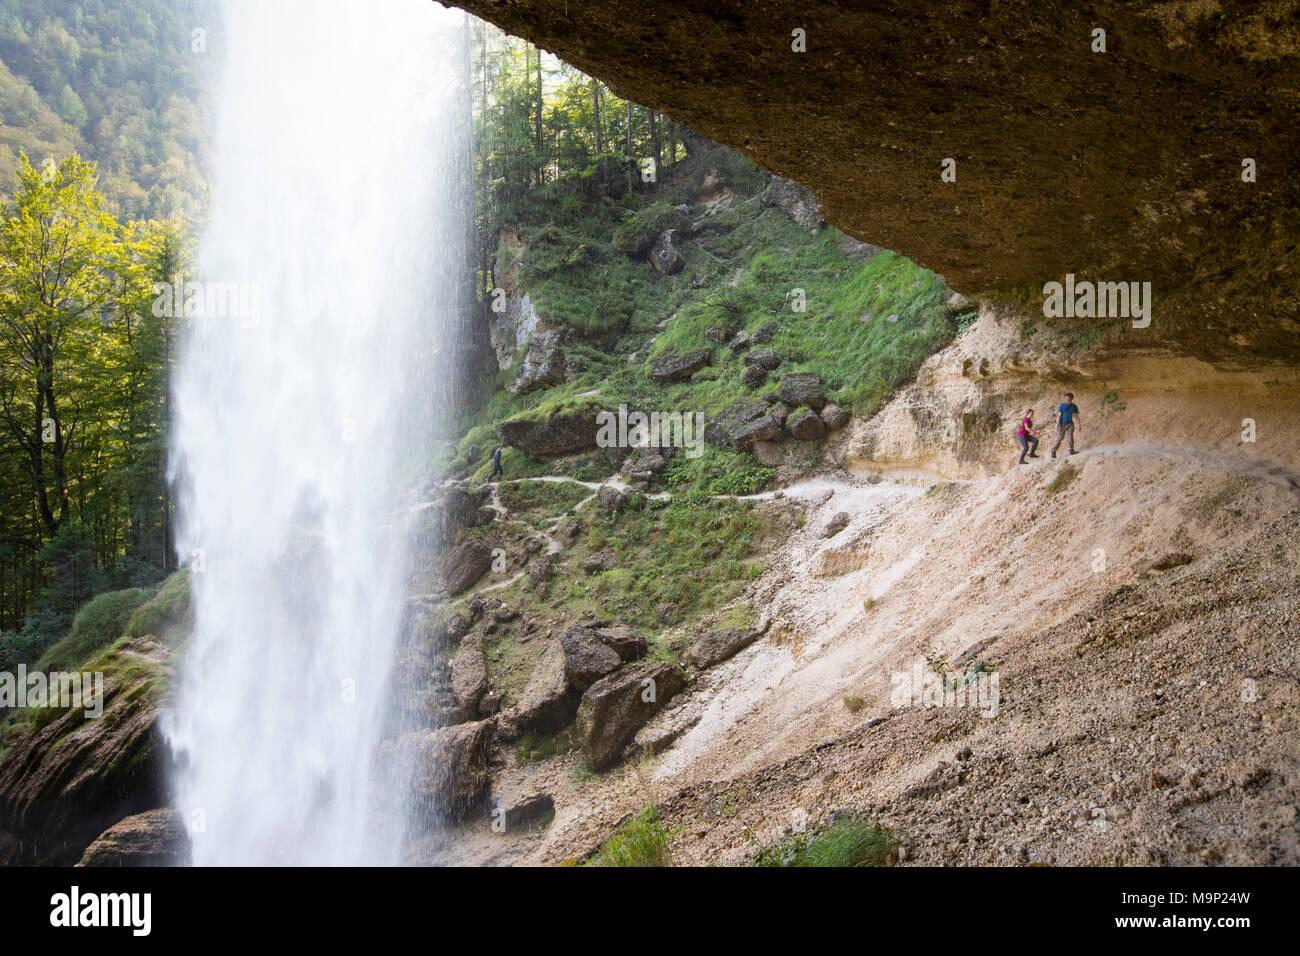 Dos personas caminaban por atrasarse en cascada Pericnik Vrata valle cerca de Mojstrana alpino en el Parque Nacional de Triglav, en Eslovenia Imagen De Stock